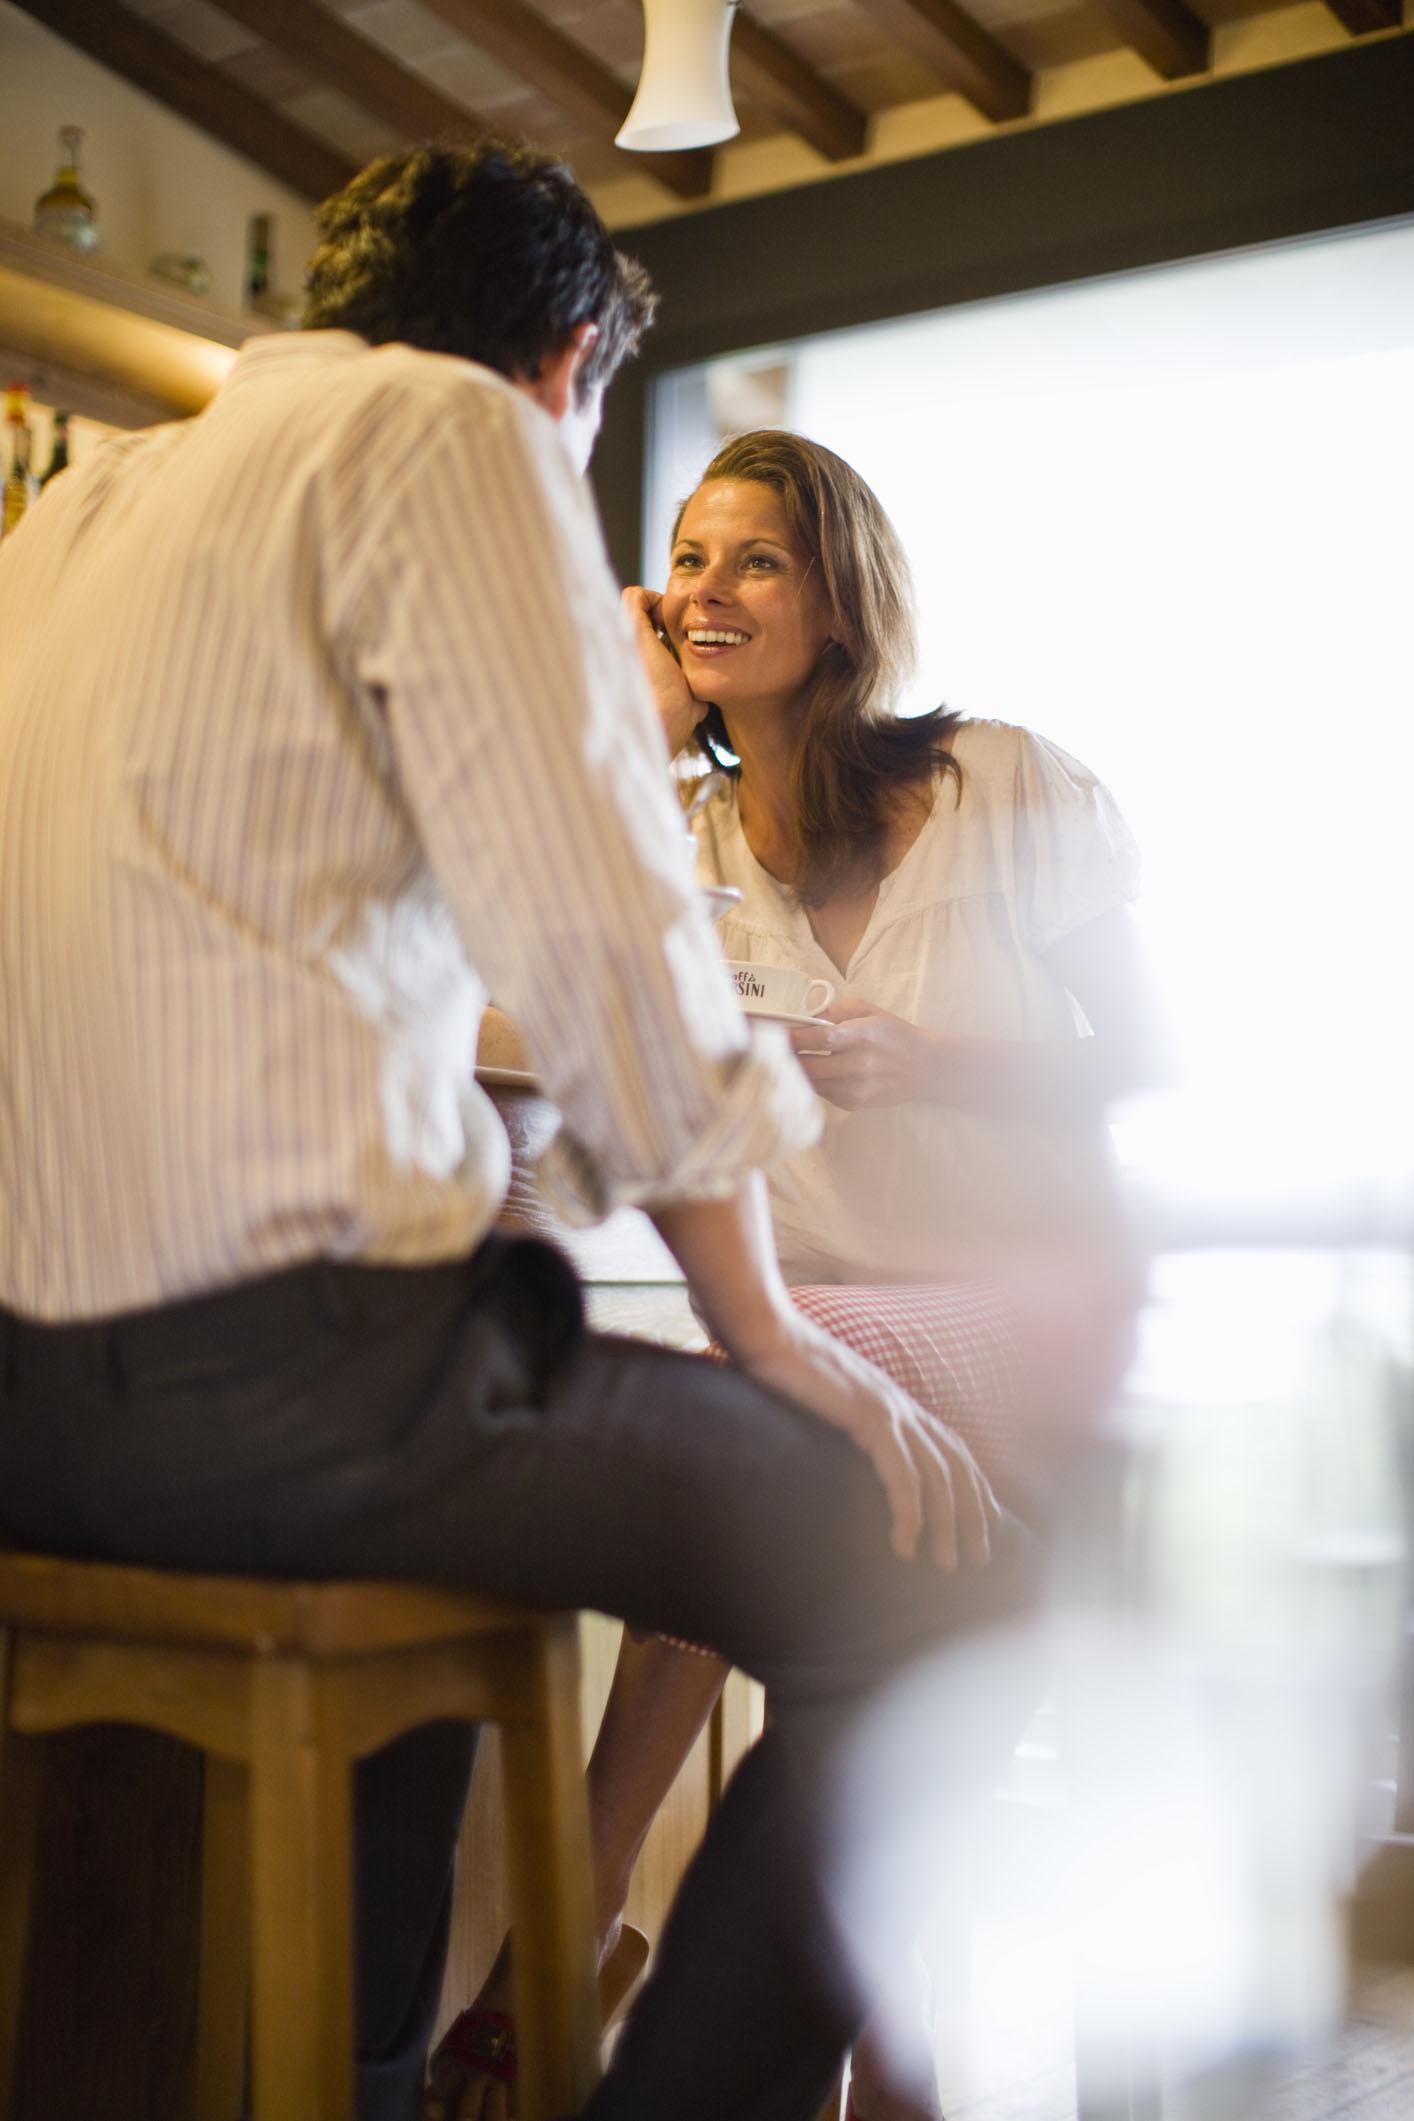 Früher oder später kommt nach der Trennung eine Zeit, in der es wieder Spaß macht, Leute kennenzulernen und auch zu flirten.